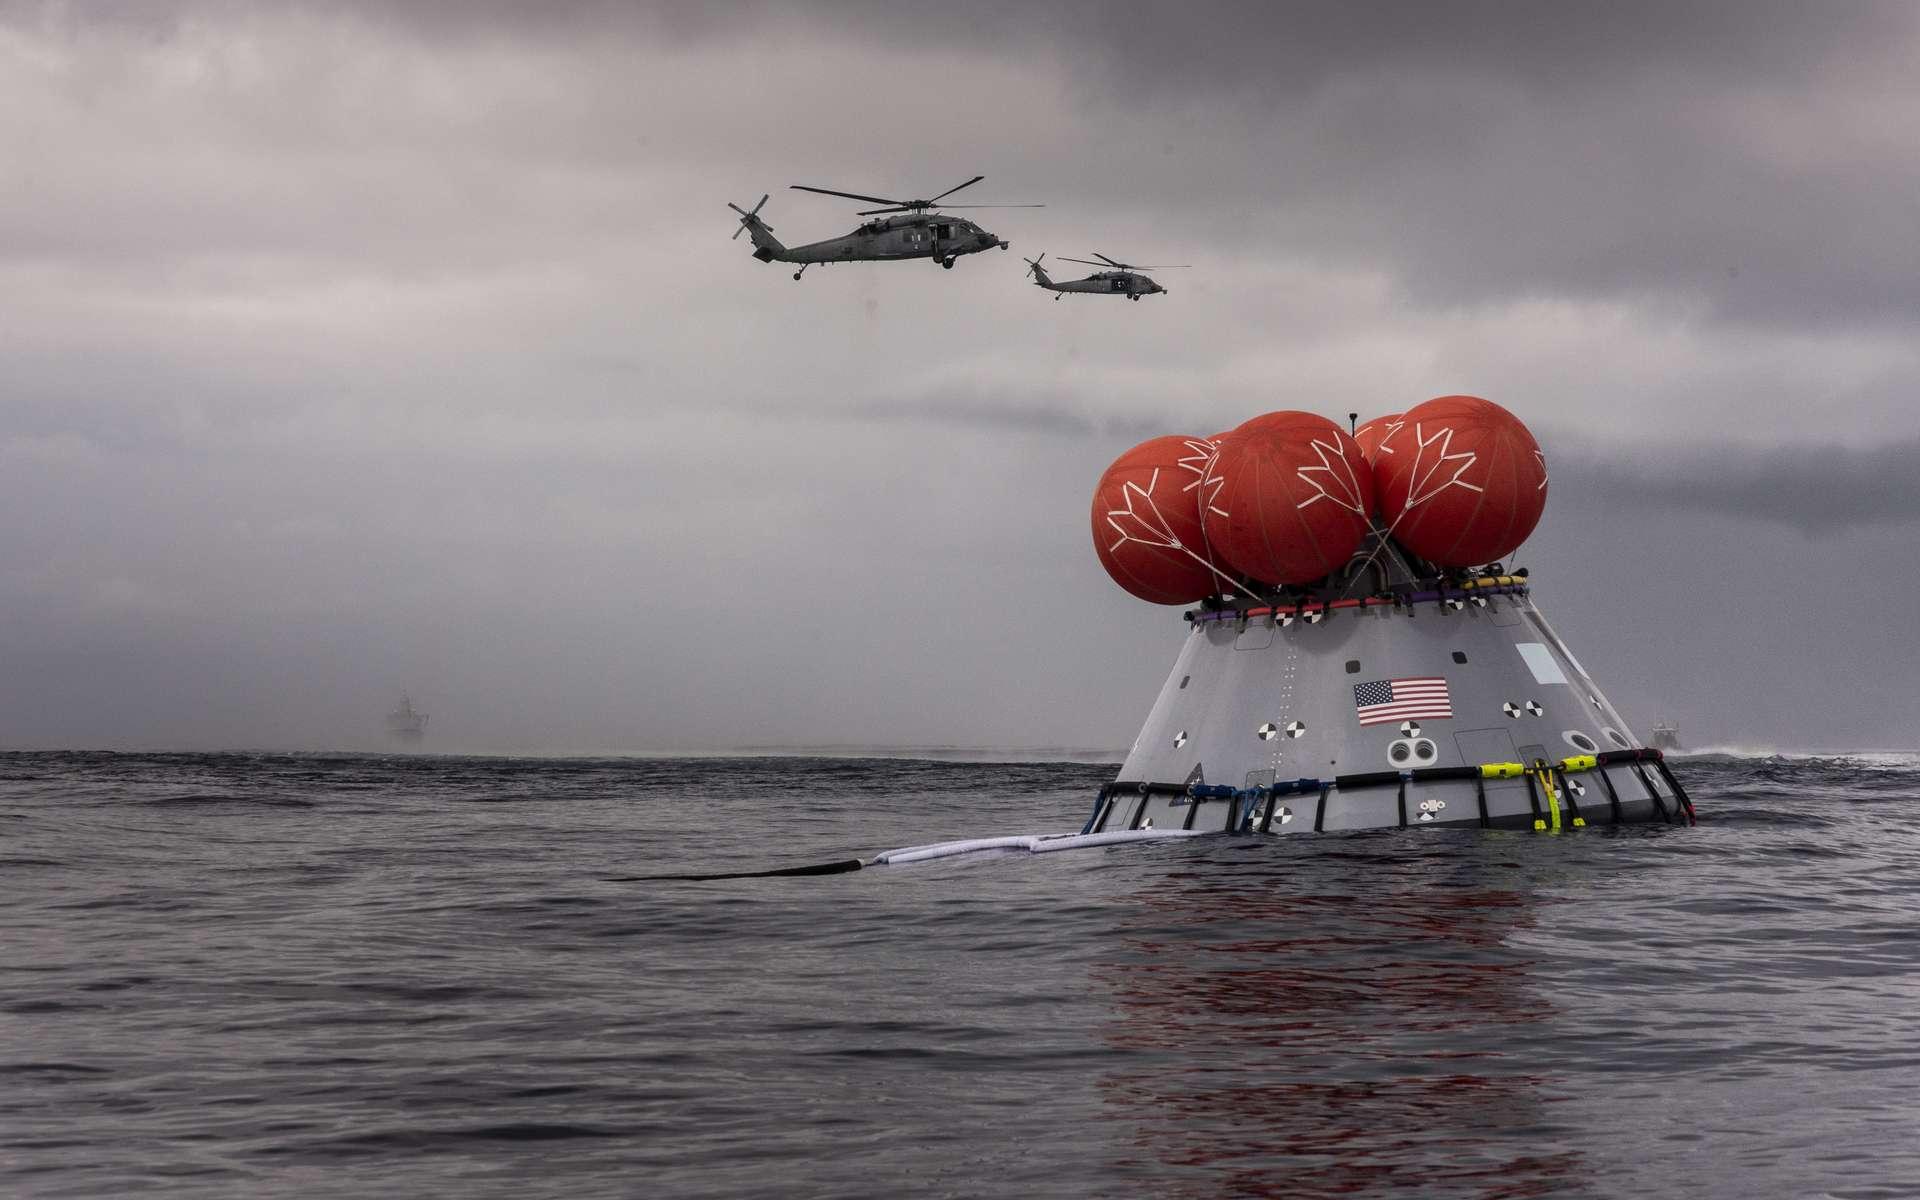 Avec l'USS John P. Murtha (LPD 26) au loin, des hélicoptères de l'escadron HSC-23 survolent une version d'essai d'une capsule Orion pendant la récupération en cours et l'essai-8 dans l'océan Pacifique. © Nasa